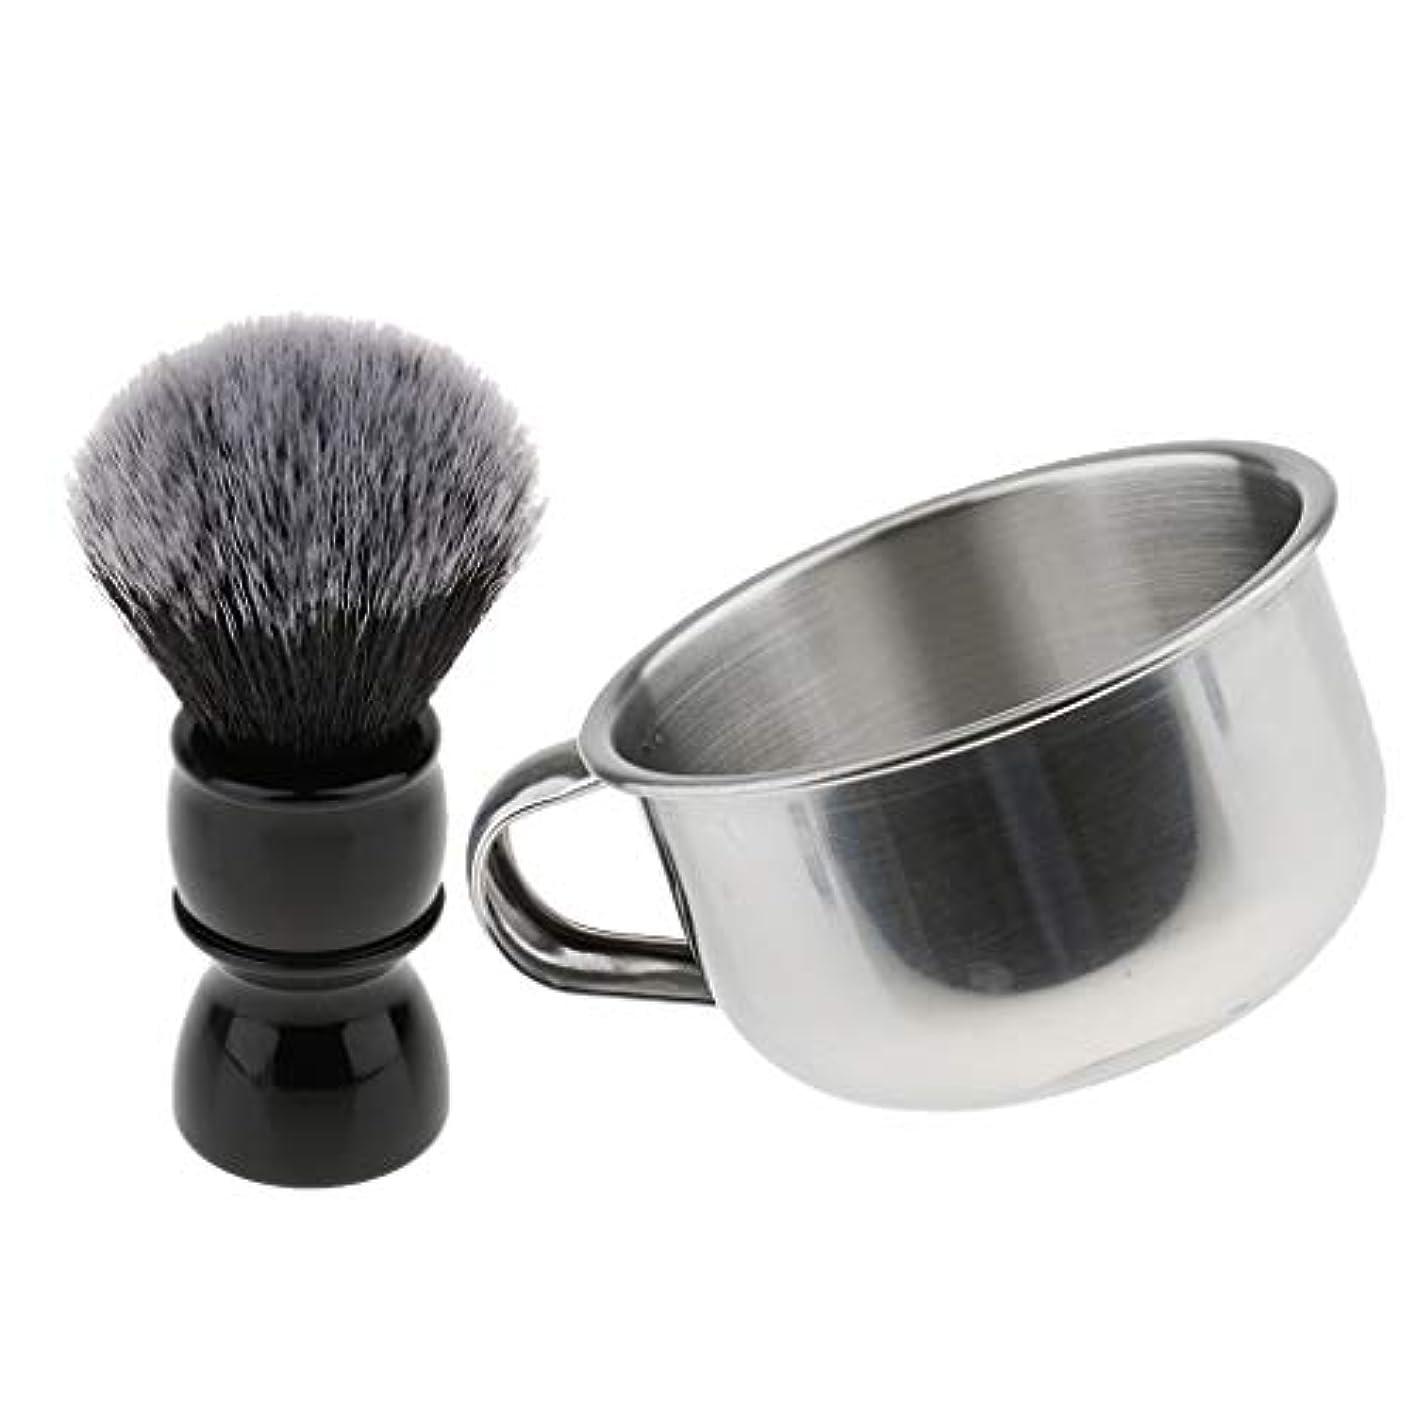 ファセットリンケージフォーラムシェービング用アクセサリー シェービングブラシ ステンレスボウル 男性 理髪 髭の毛 2点セット